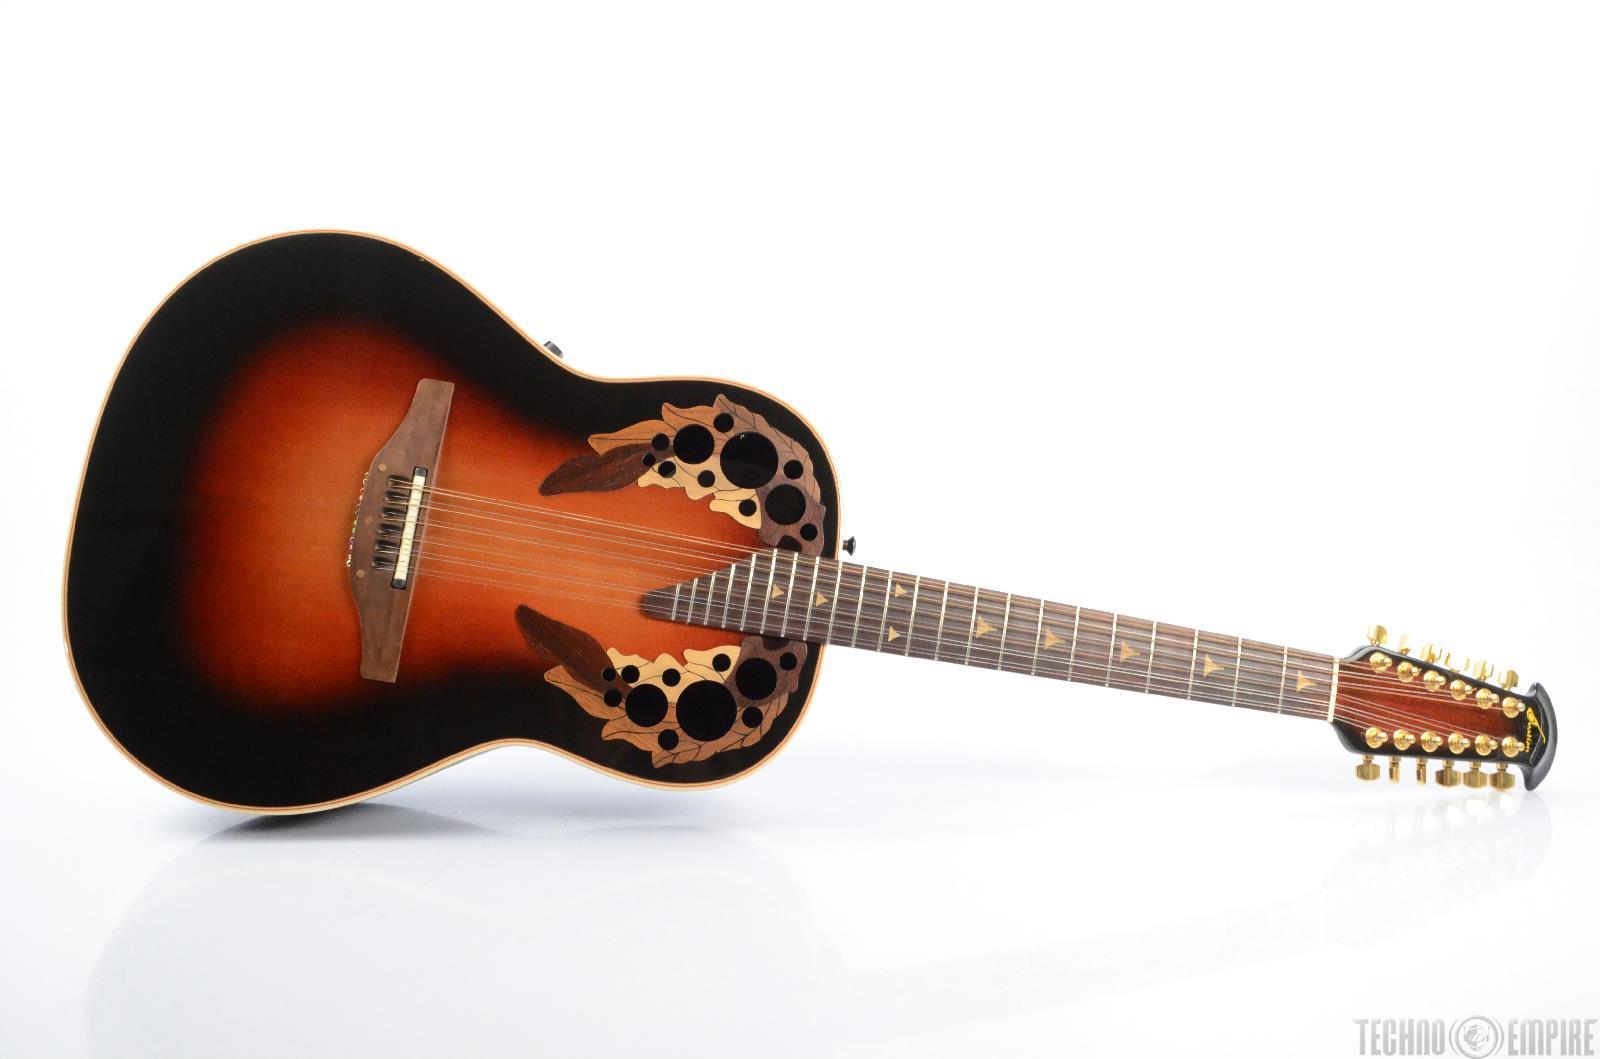 Guitars - Twelve Strings | Ovation Guitars